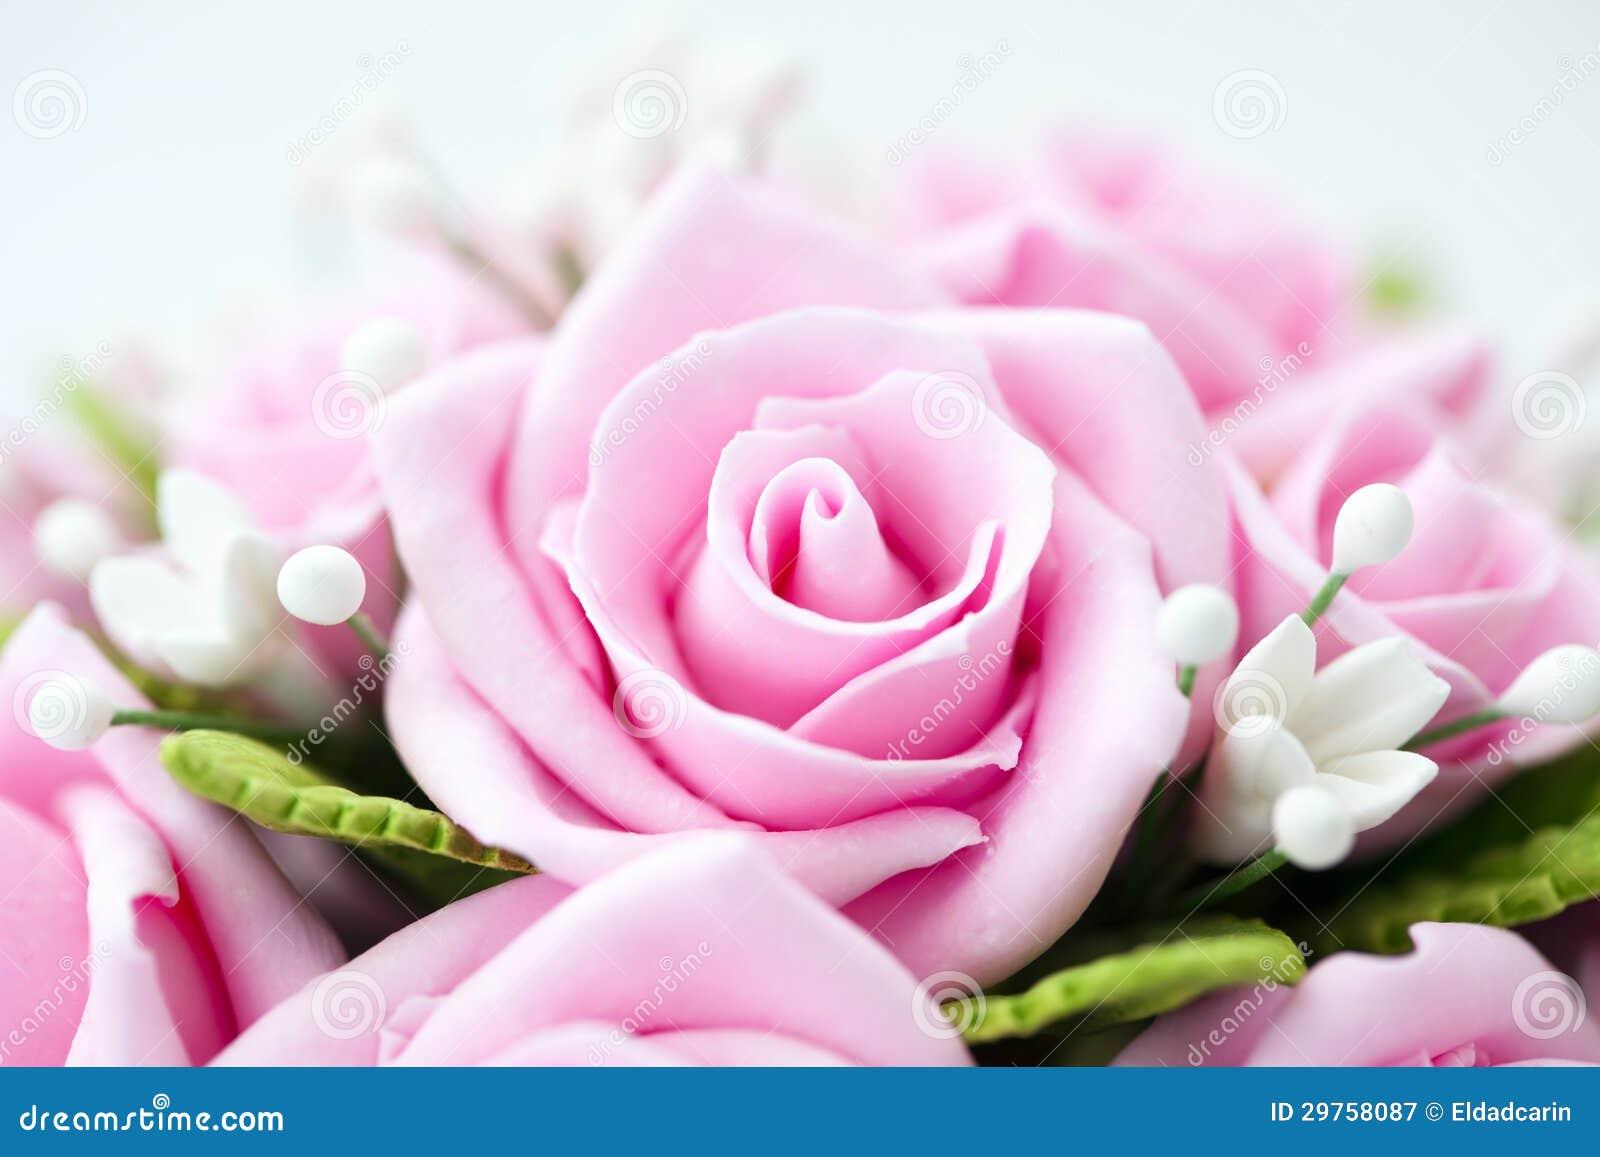 rosas del jab n fotograf a de archivo libre de regal as